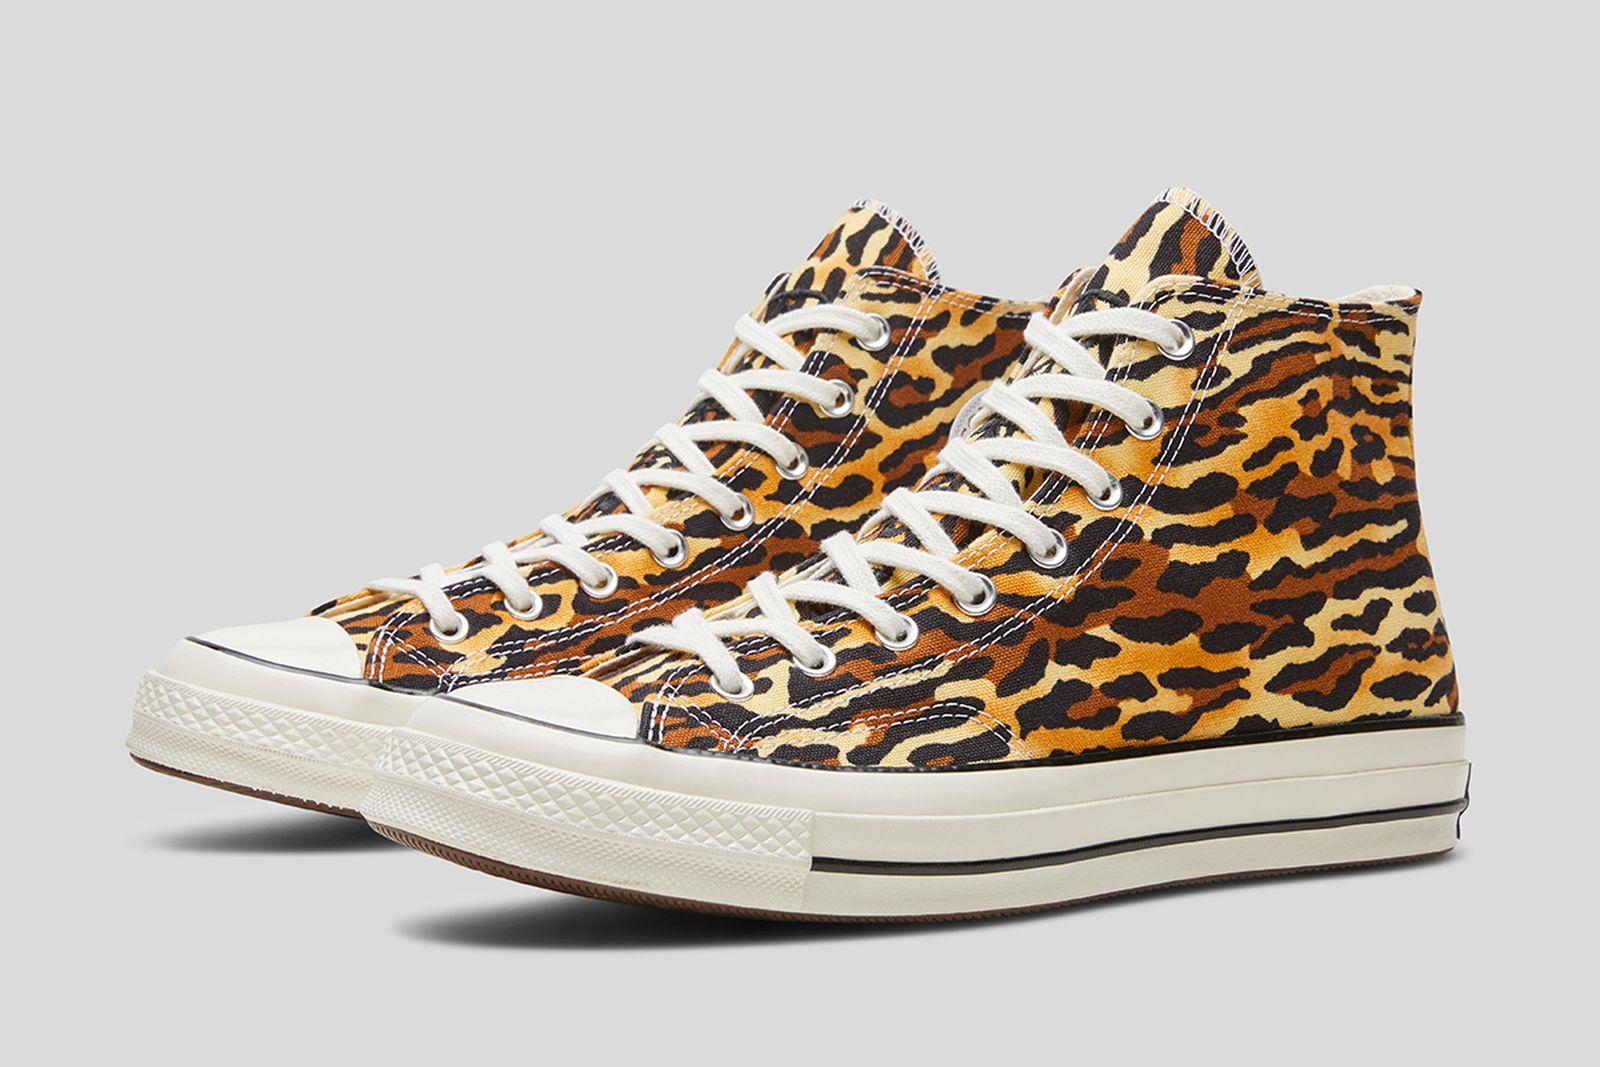 salehe-bembury-grailed-sneaker-sale-10